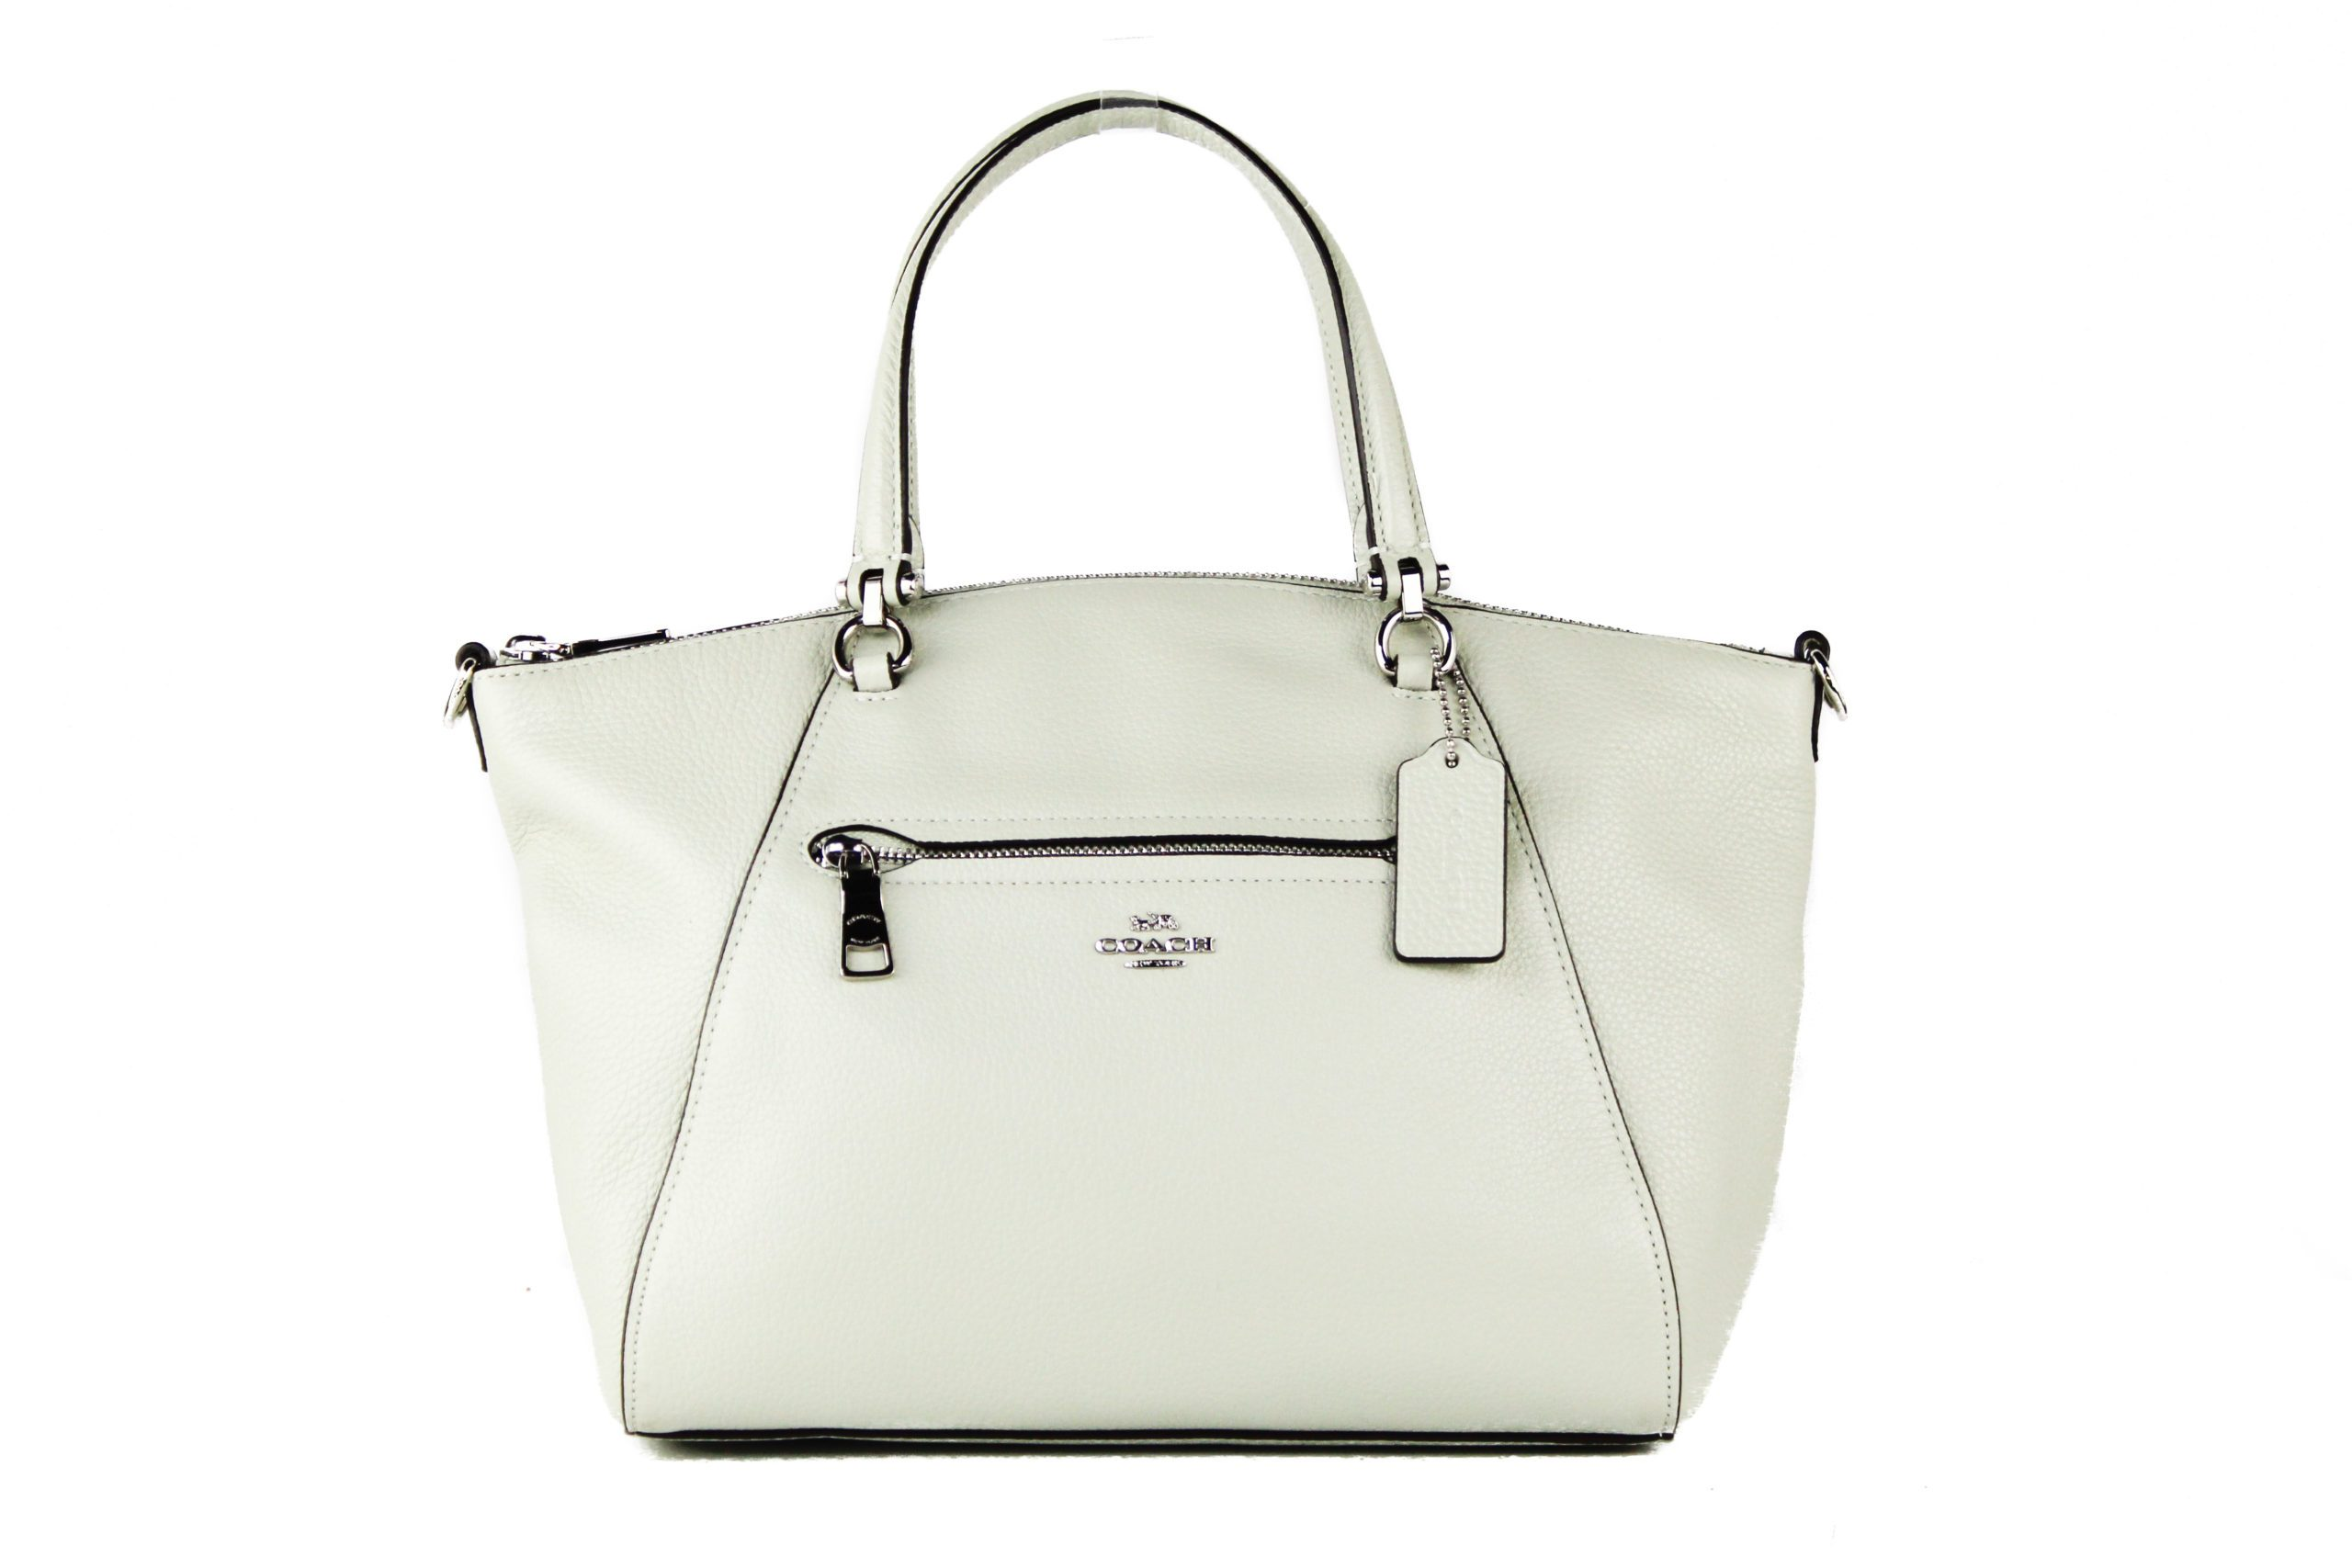 COACH Women's Prairie Satchel Bag White 93877